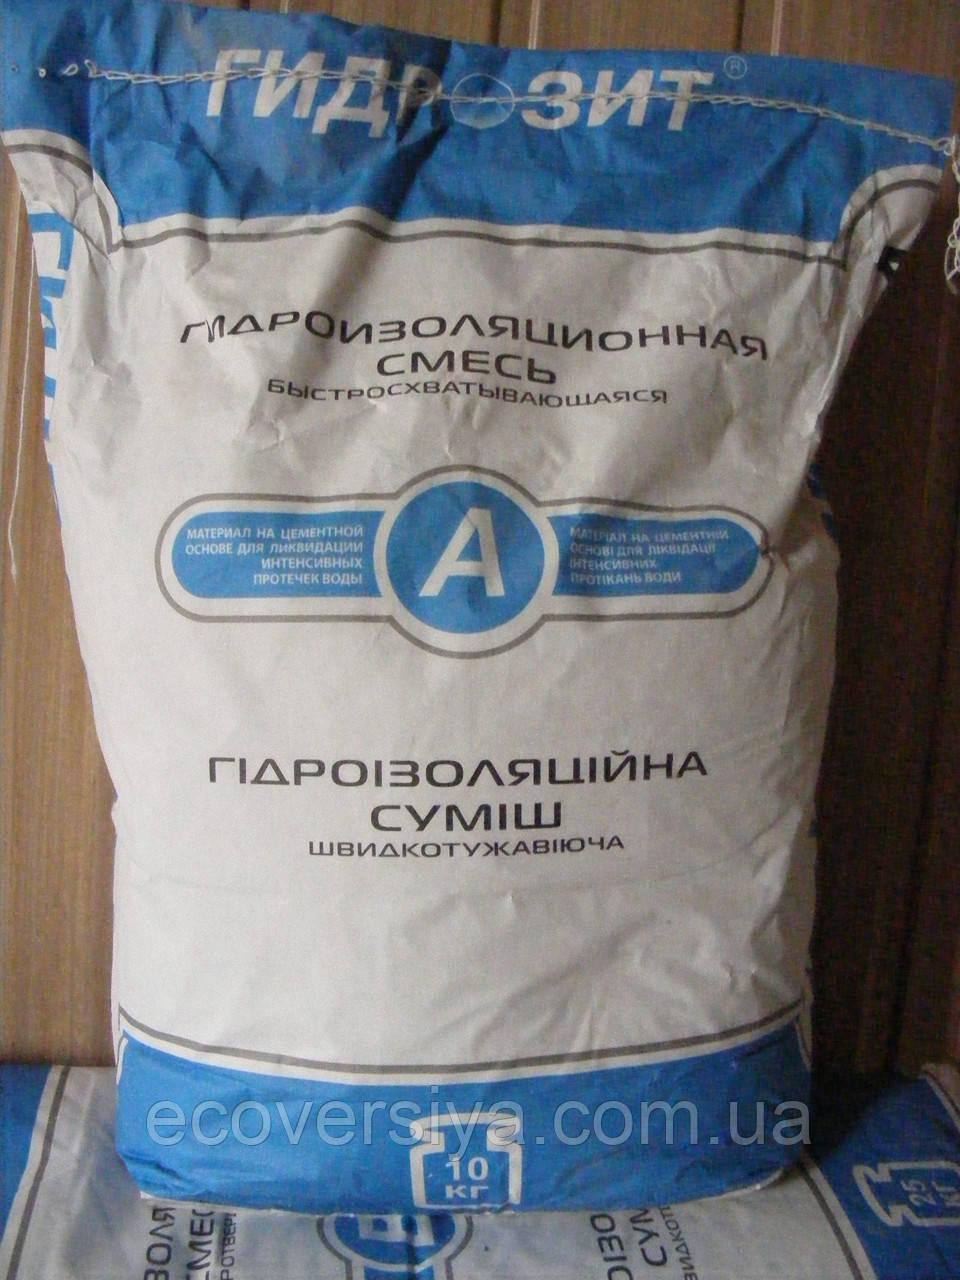 Гидрозит тип А Смесь для  ликвидации интенсивных протечек воды, 10 кг